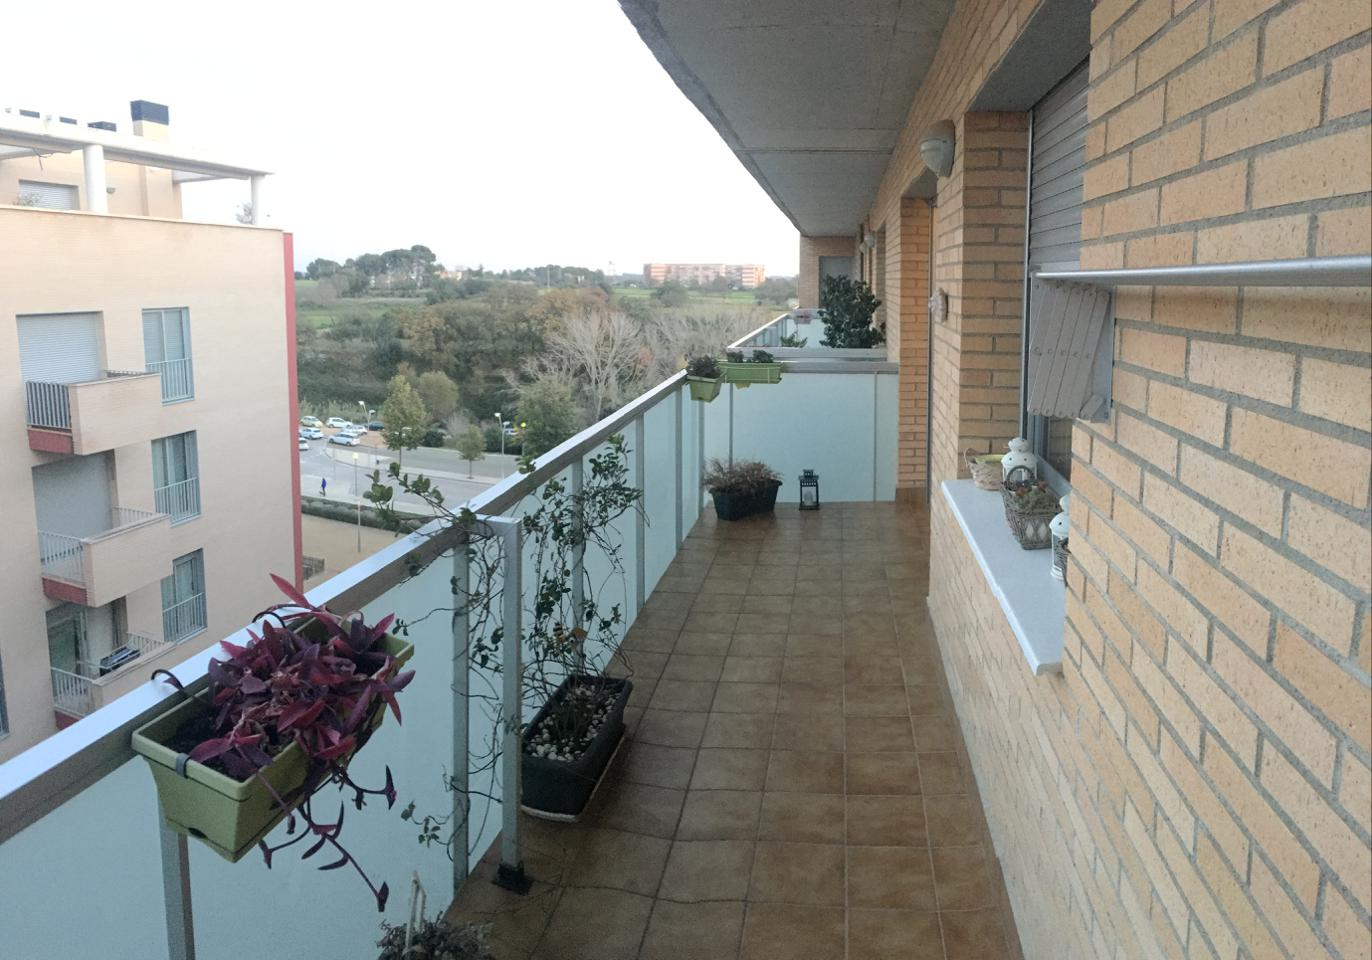 Alquiler Piso  El vilar. Pis de lloguer a valls, 43800 (tarragona), situat a la urbanitza